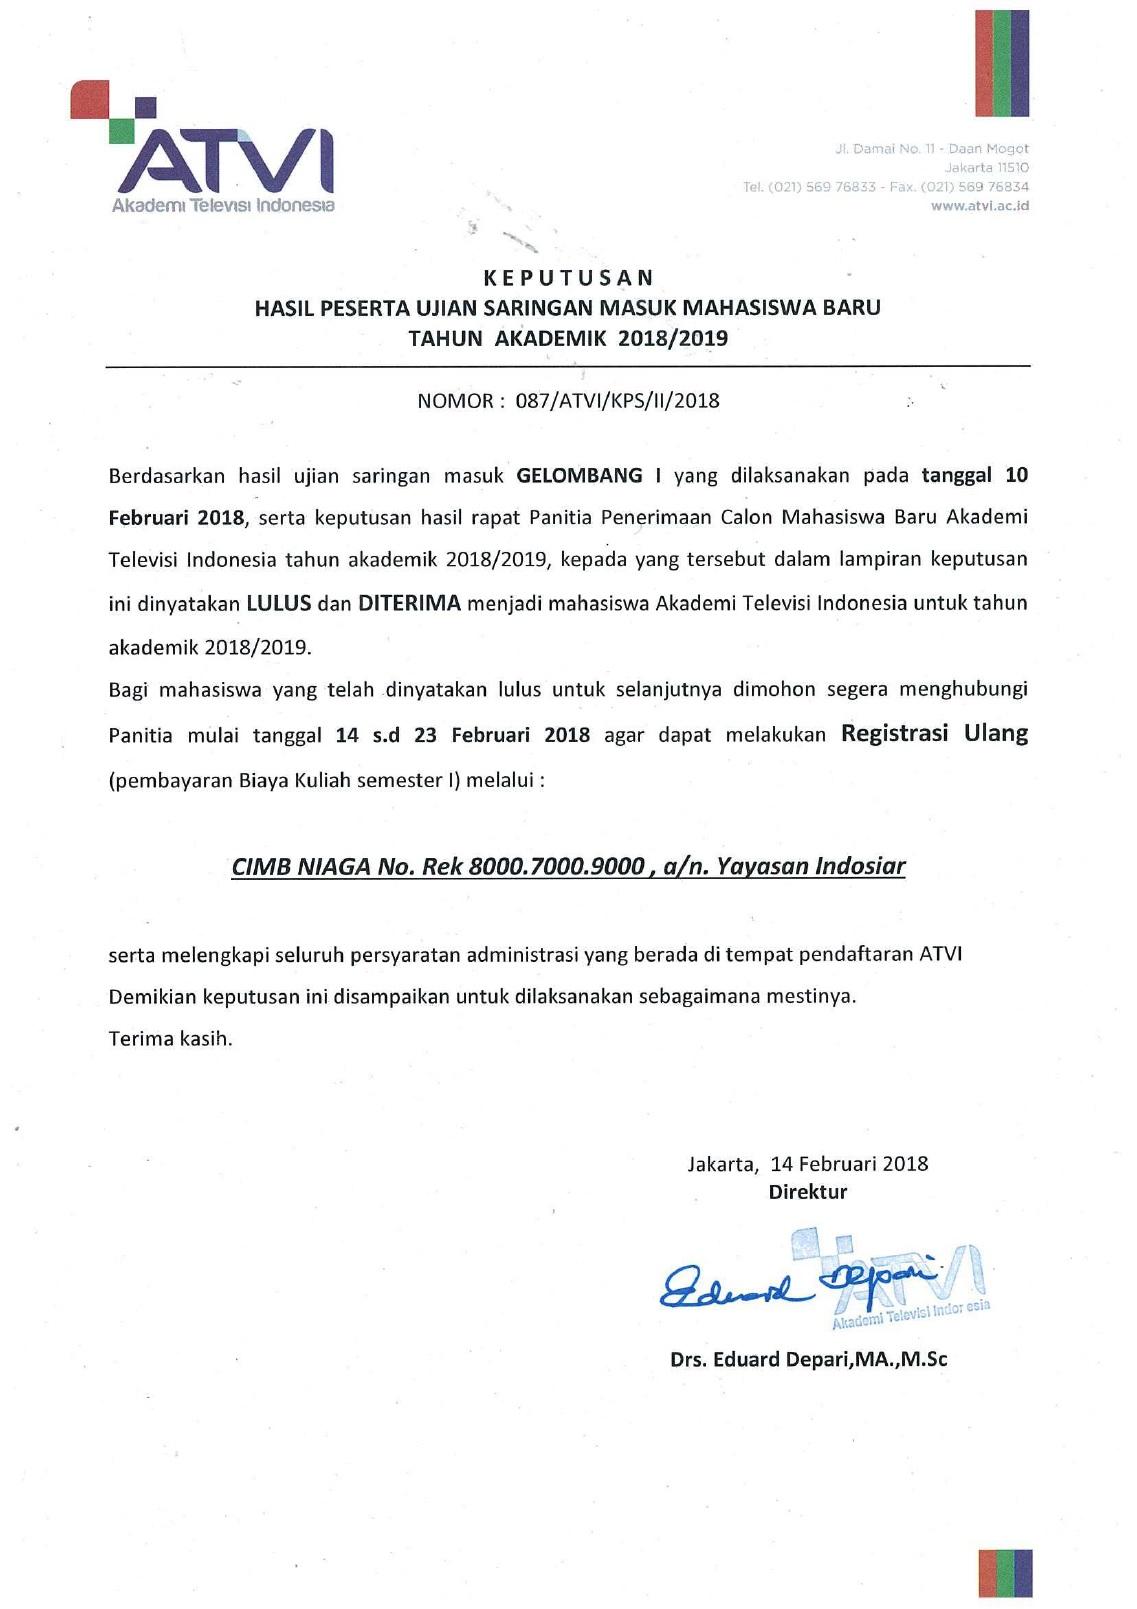 HASIL PESERTA UJIAN SARINGAN MASUK MAHASISWA BARU TAHUN AKADEMIK 2018-2019 GELOMBANG I 1